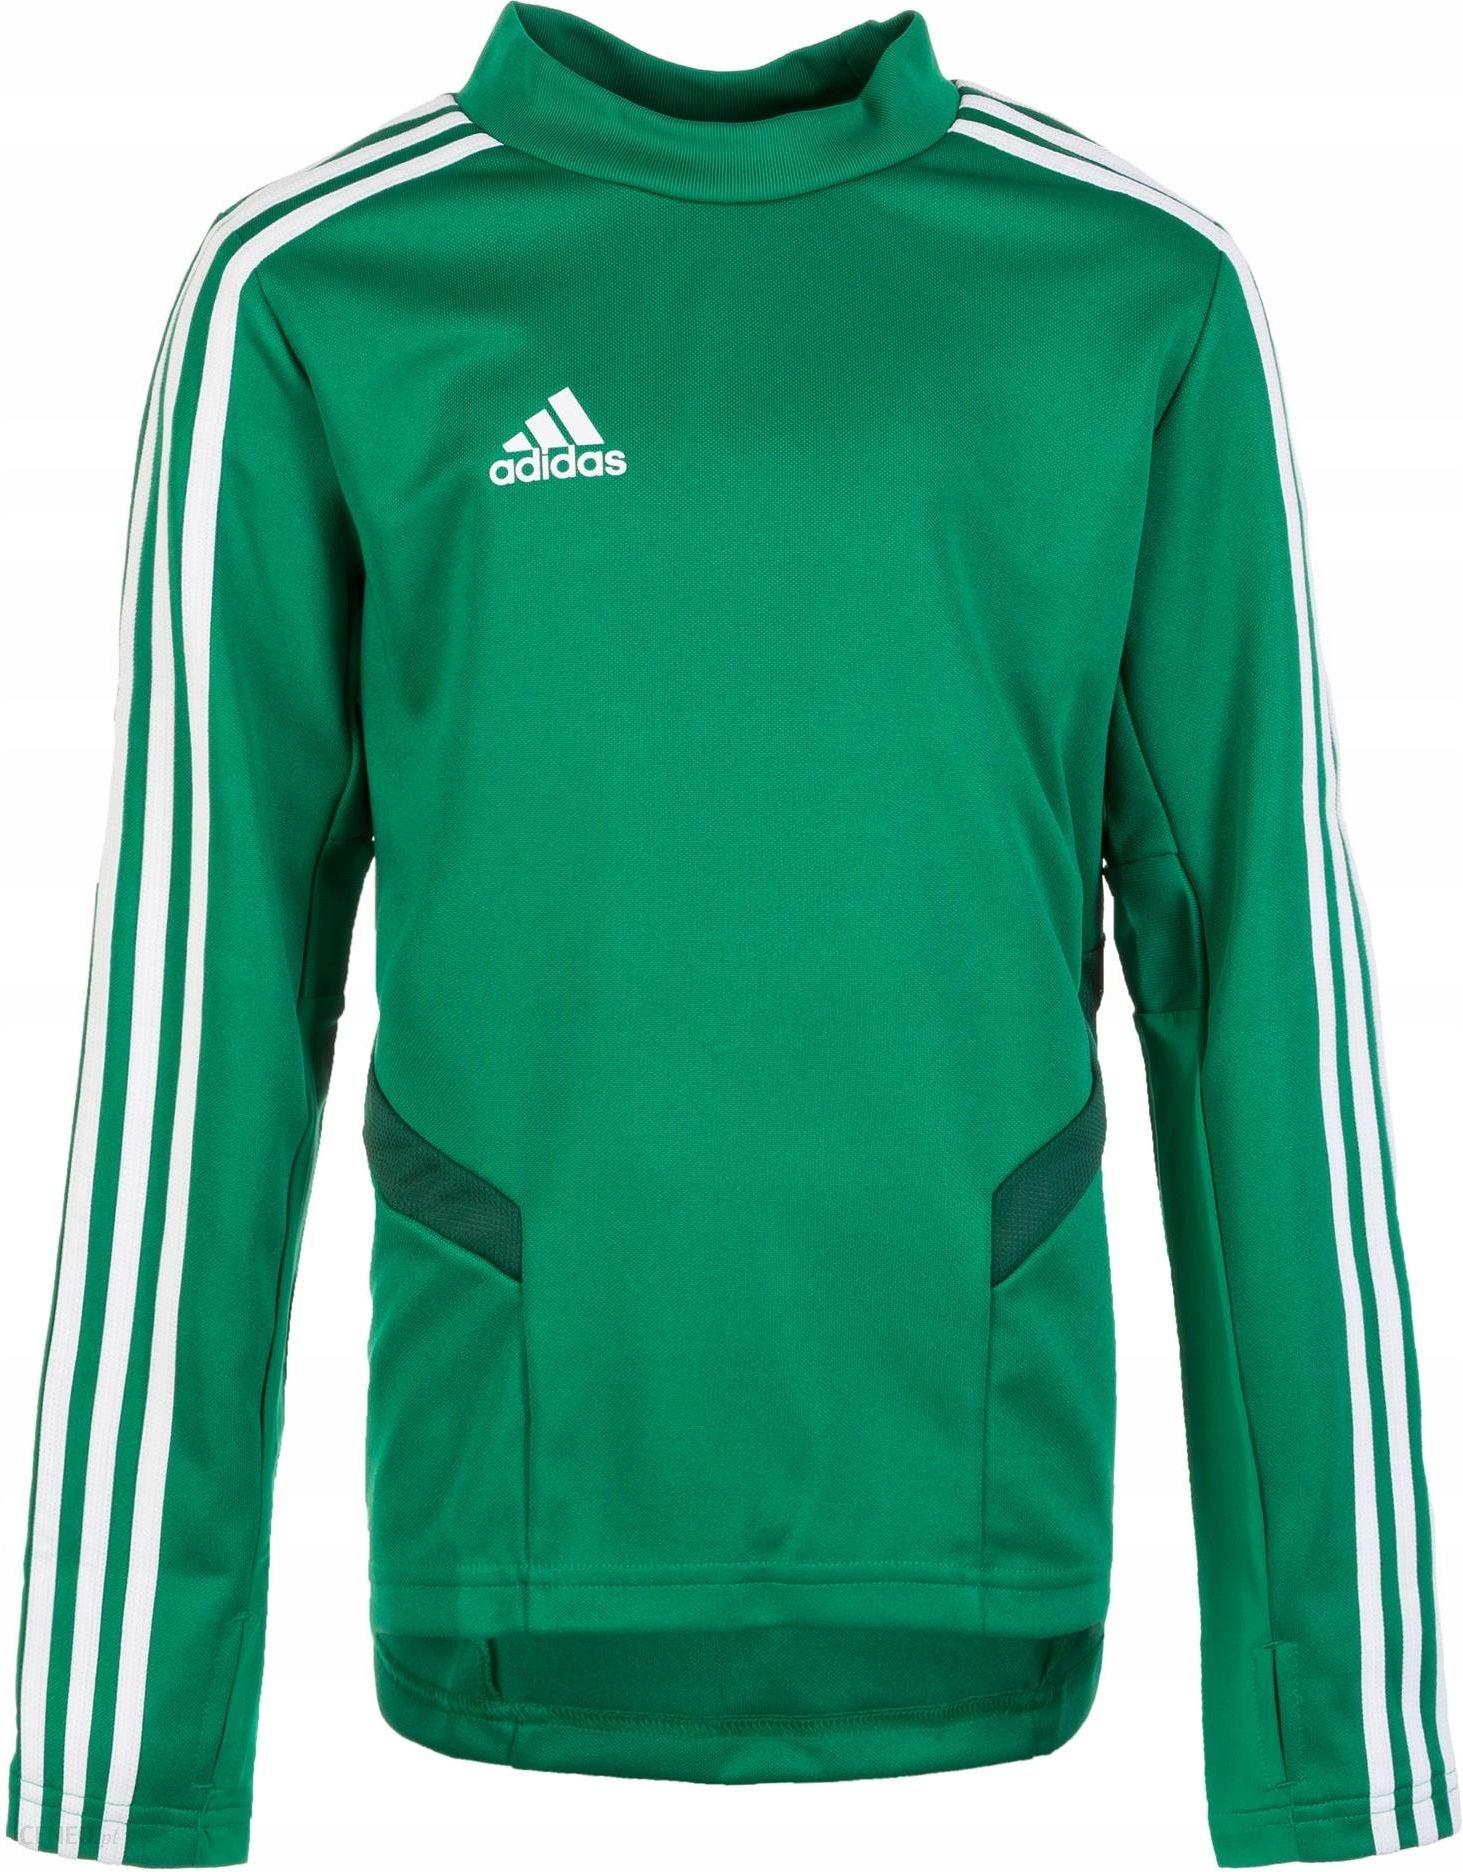 Bluza dla dzieci adidas Tiro 19 Training Jacket JUNIOR zielona DW4797